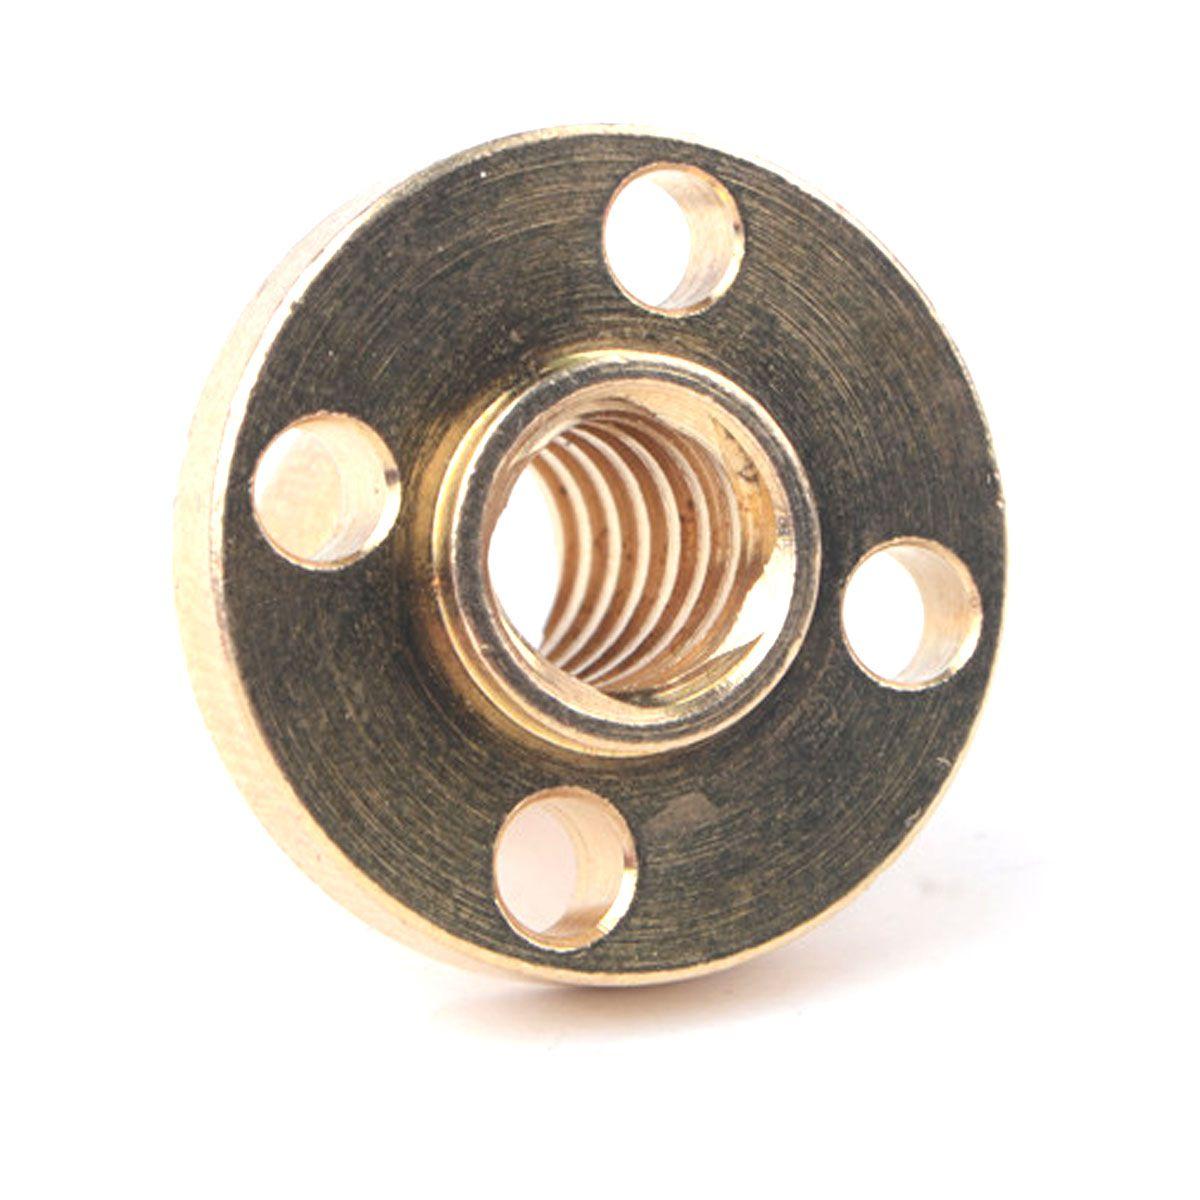 Castanha / Flange de Latão para Fuso Trapezoidal T8 Tr8 8mm para Impressora 3D / CNC